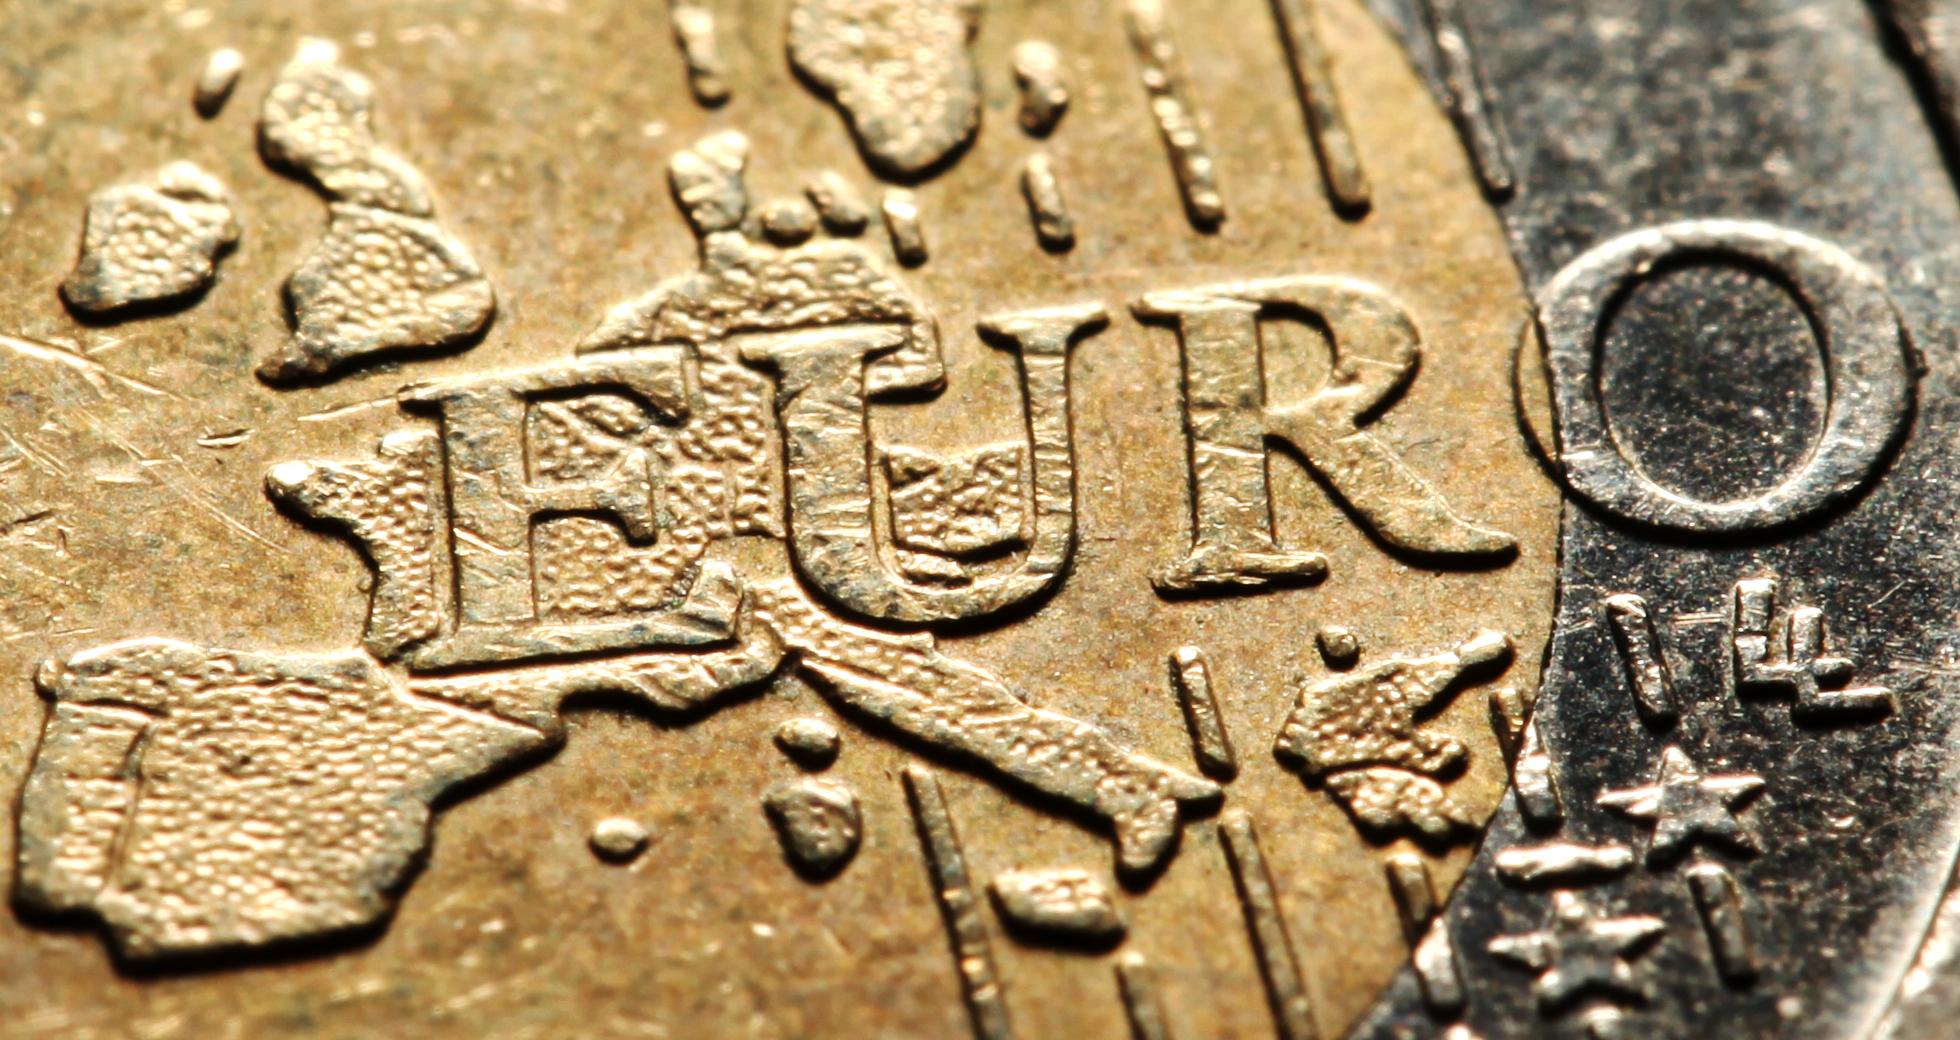 Diese Fehlprägungen Sind Tausende Euro Wert Schauen Sie Schnell Nach